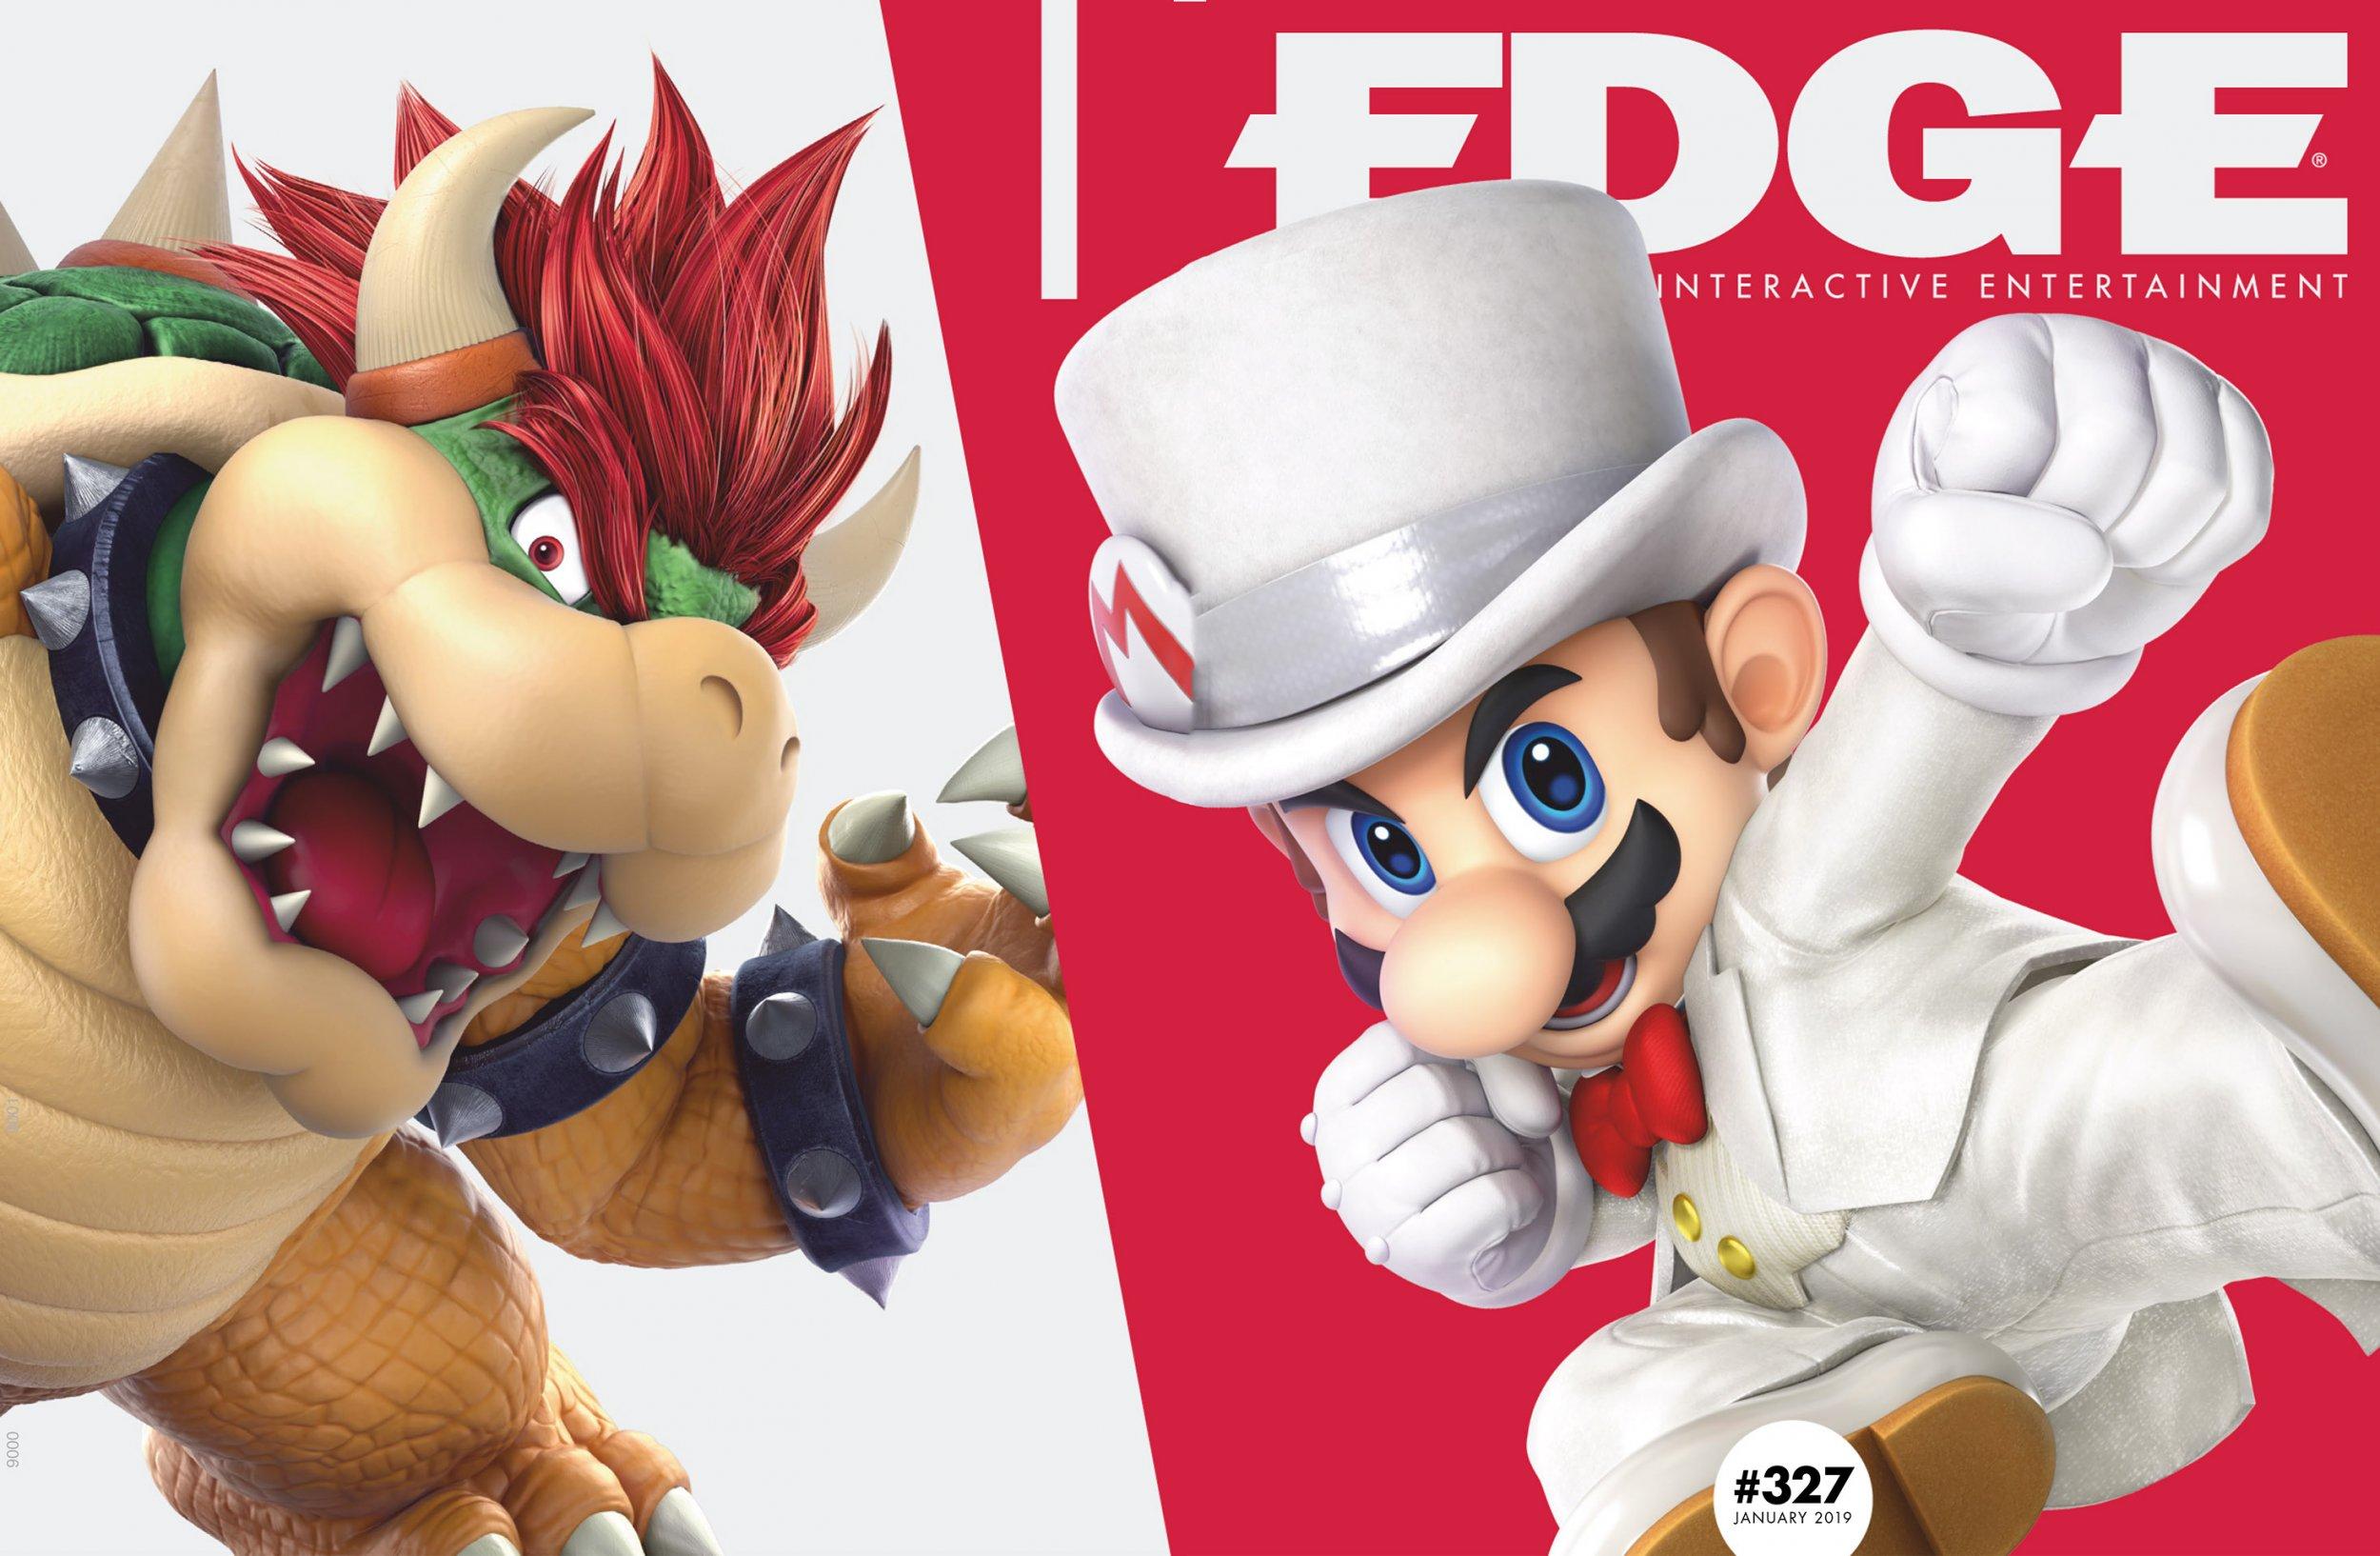 Edge 327 (January 2019) (cover 1 full)